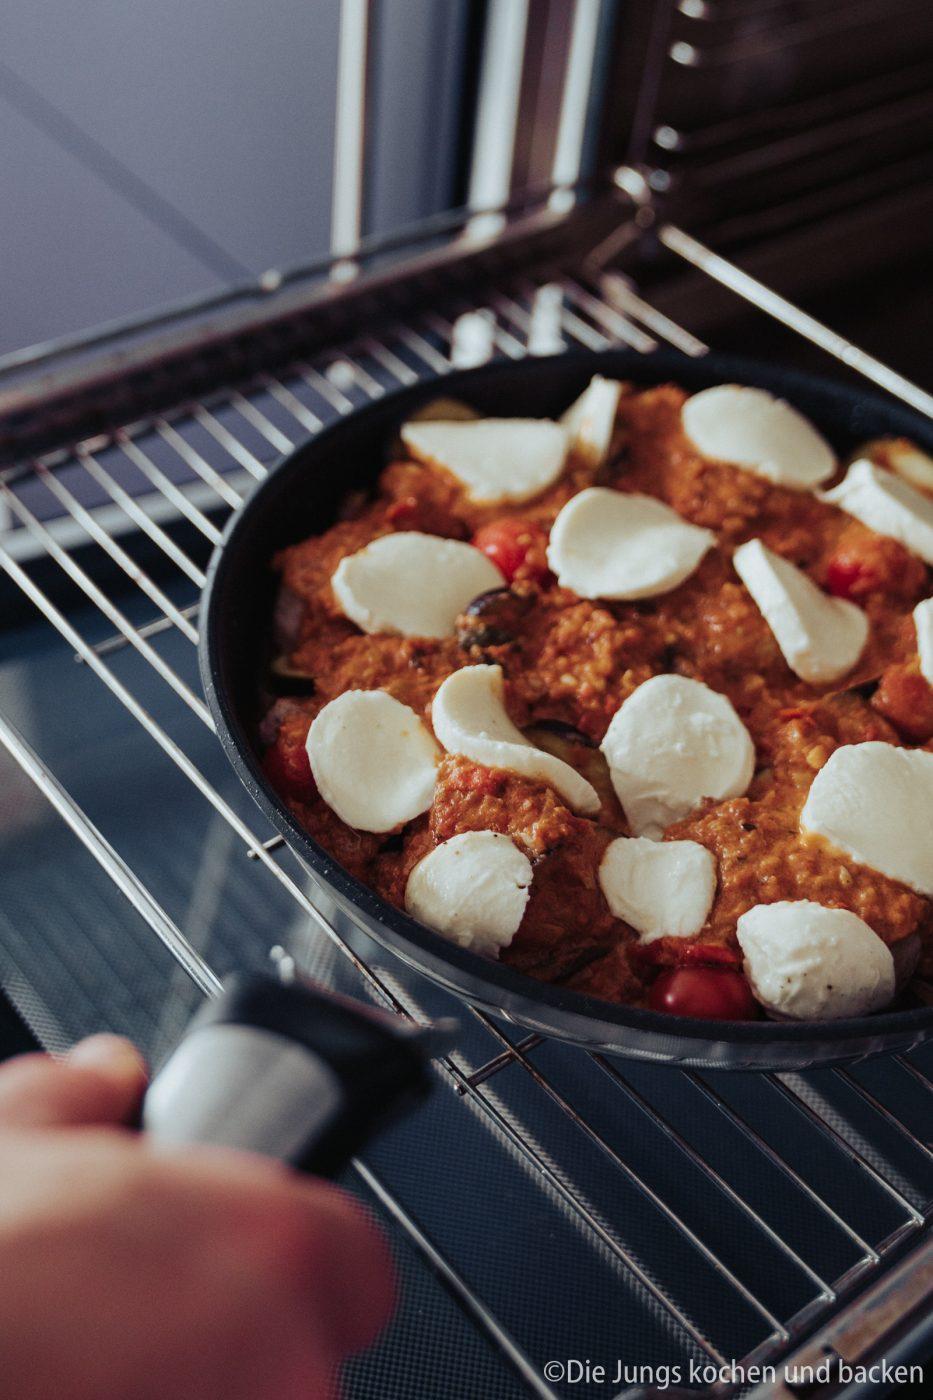 Tefal Schweinefilet italienisch 15 | Wir hatten schon ewig nichts Überbackenes mehr für euch hier und auch bei uns auf dem Tisch. Zu einem gemütlichen Spielenachmittag mit Freunden hatten wir aber richtig Lust auf ein leckeres Gericht, das mit Käse überbacken wird. Es sollte praktisch sein, gut vorzubereiten und nicht so ganz aufwändig. All das sind unsere überbackenen Schweinemedaillons mit Aubergine. Ein guter Grund dafür - es kommt in eine Pfanne, die Pfanne in den Ofen und dann auch auf den Tisch! Was ist das also für eine neue Pfanne??